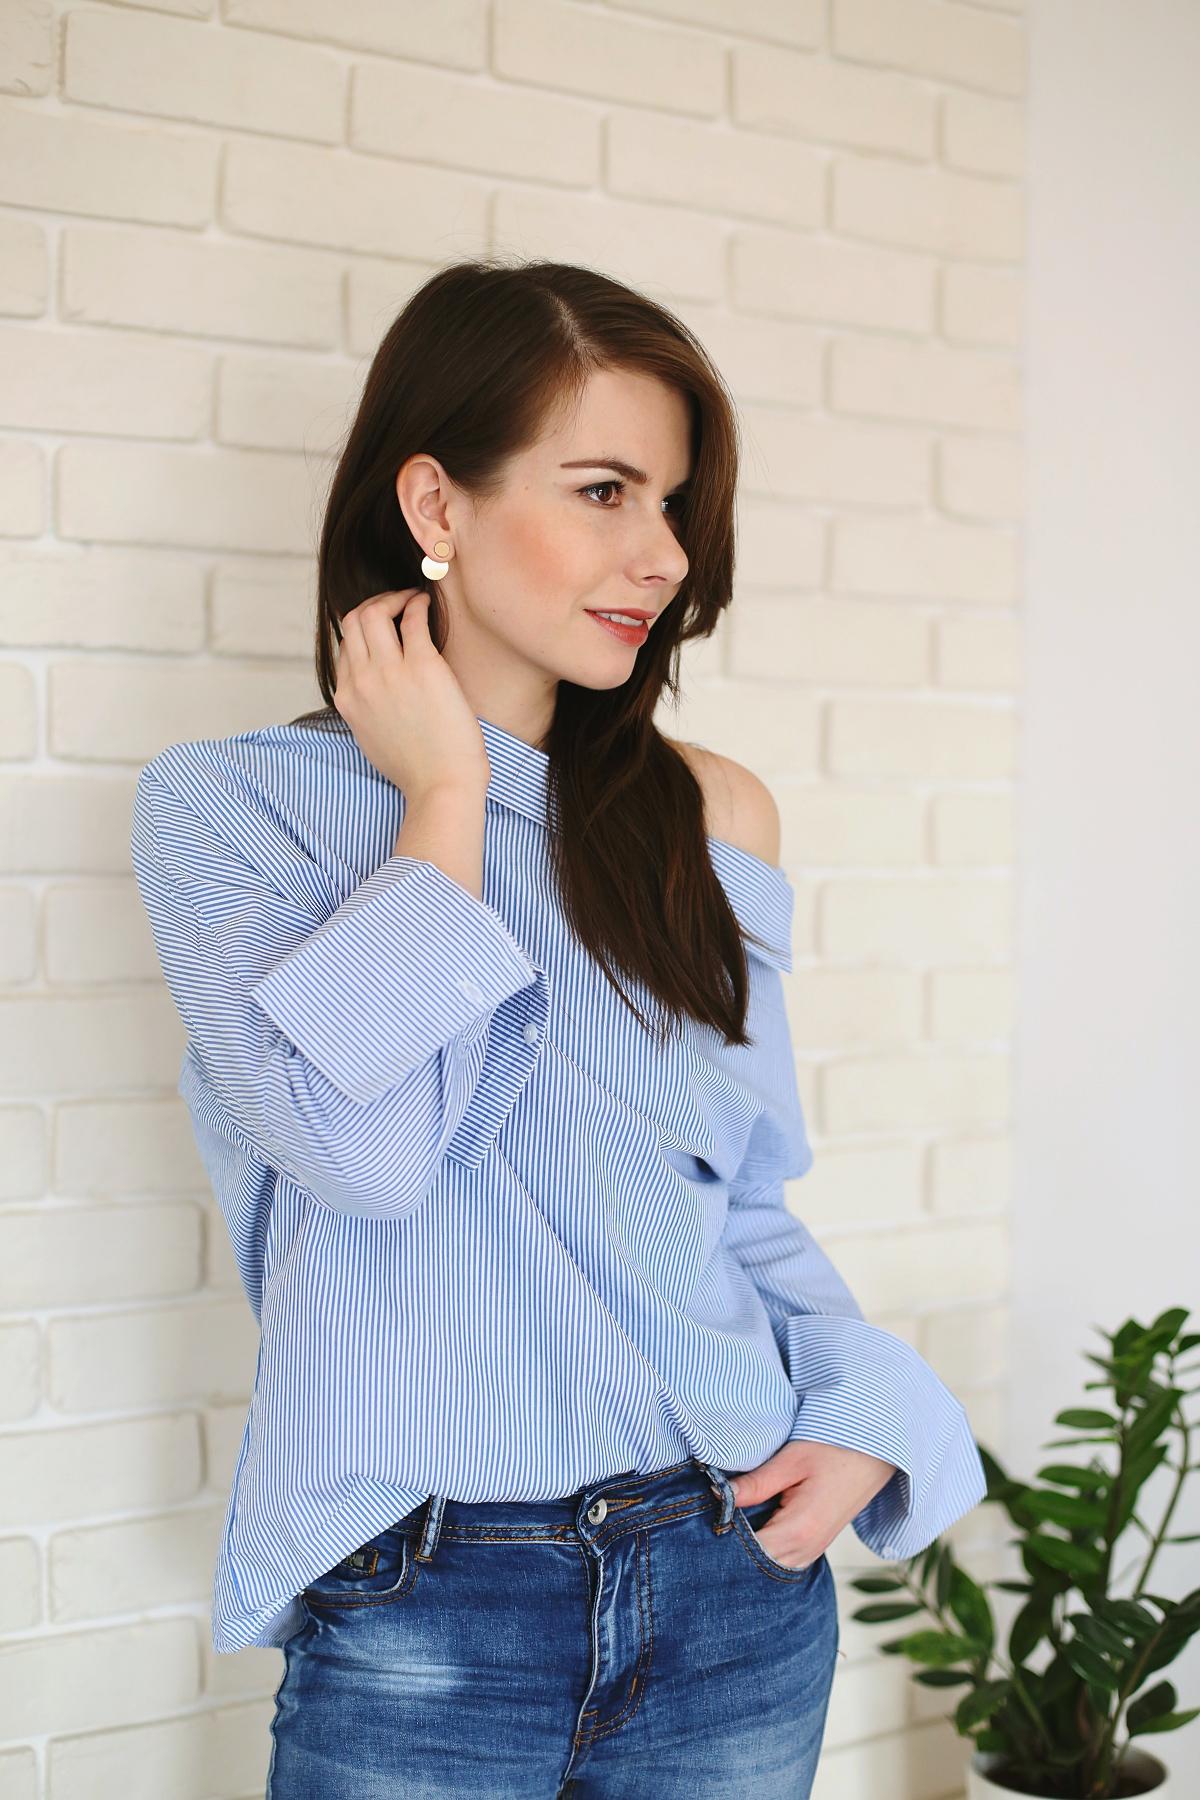 Prążkowana koszula opadająca na jedno ramię